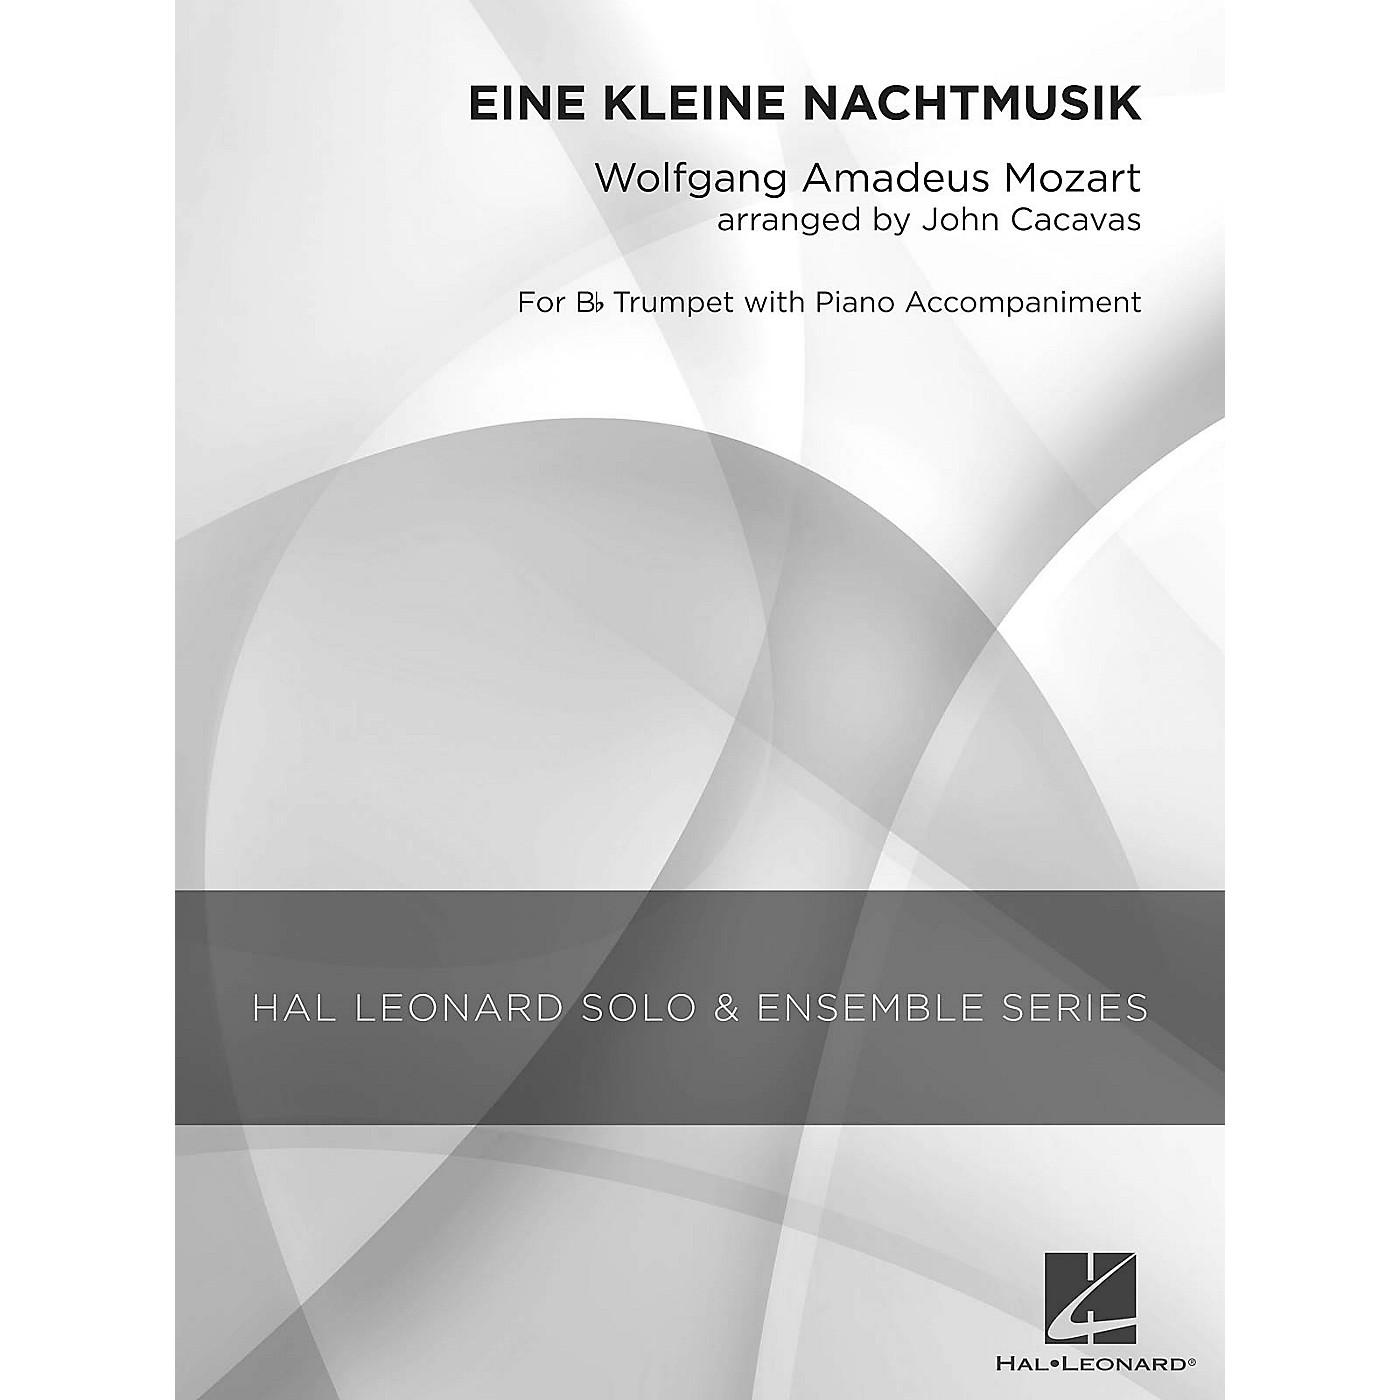 Hal Leonard Eine Kleine Nachtmusik (Grade 3 Trumpet Solo) Concert Band Level 3 Arranged by John Cacavas thumbnail